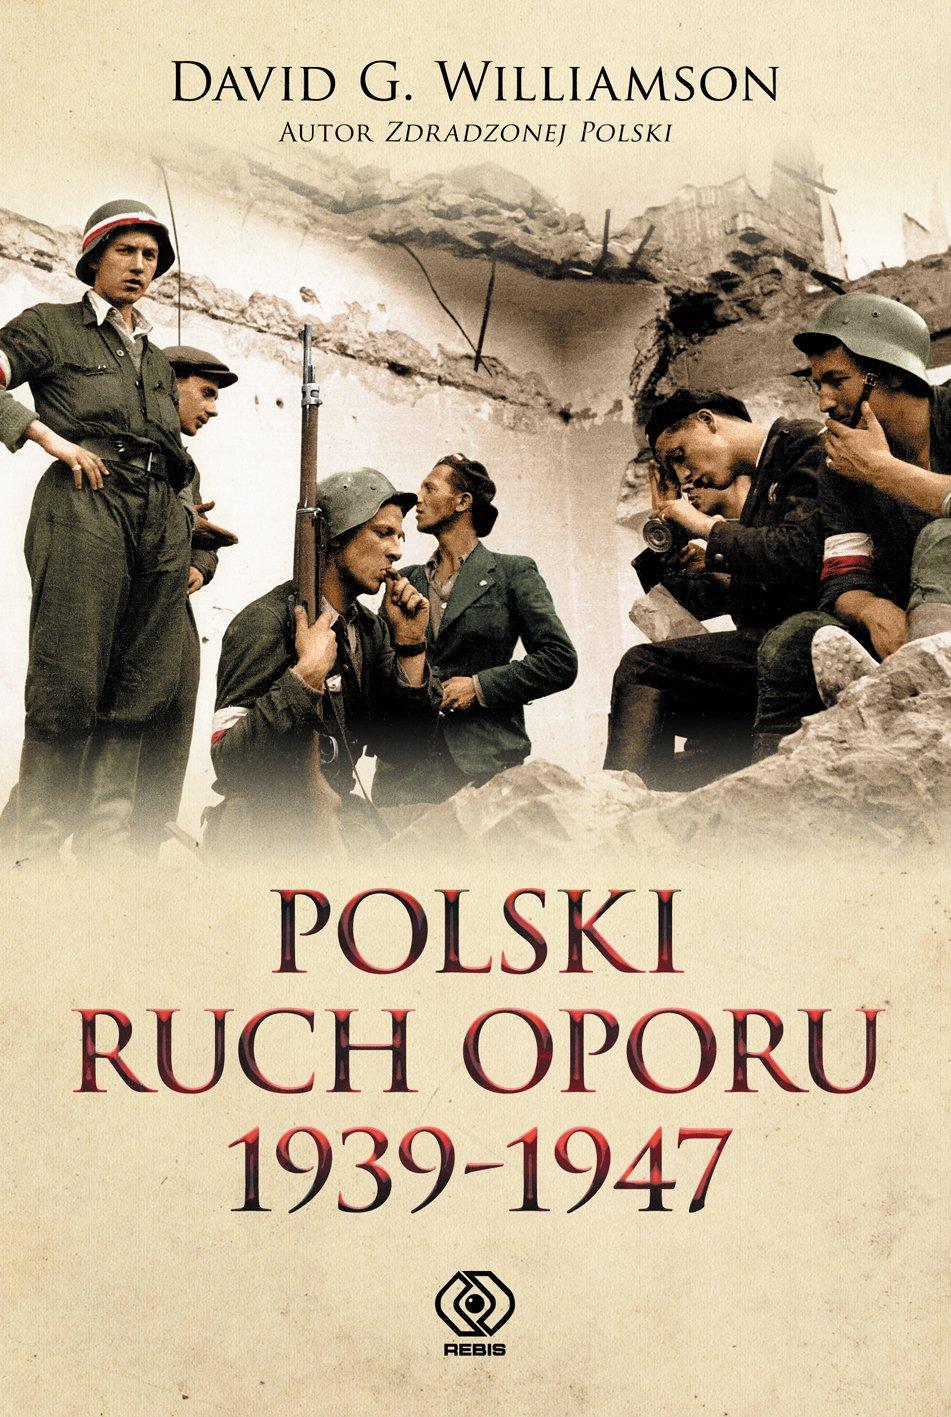 Polski ruch oporu 1939-1947 - Ebook (Książka EPUB) do pobrania w formacie EPUB